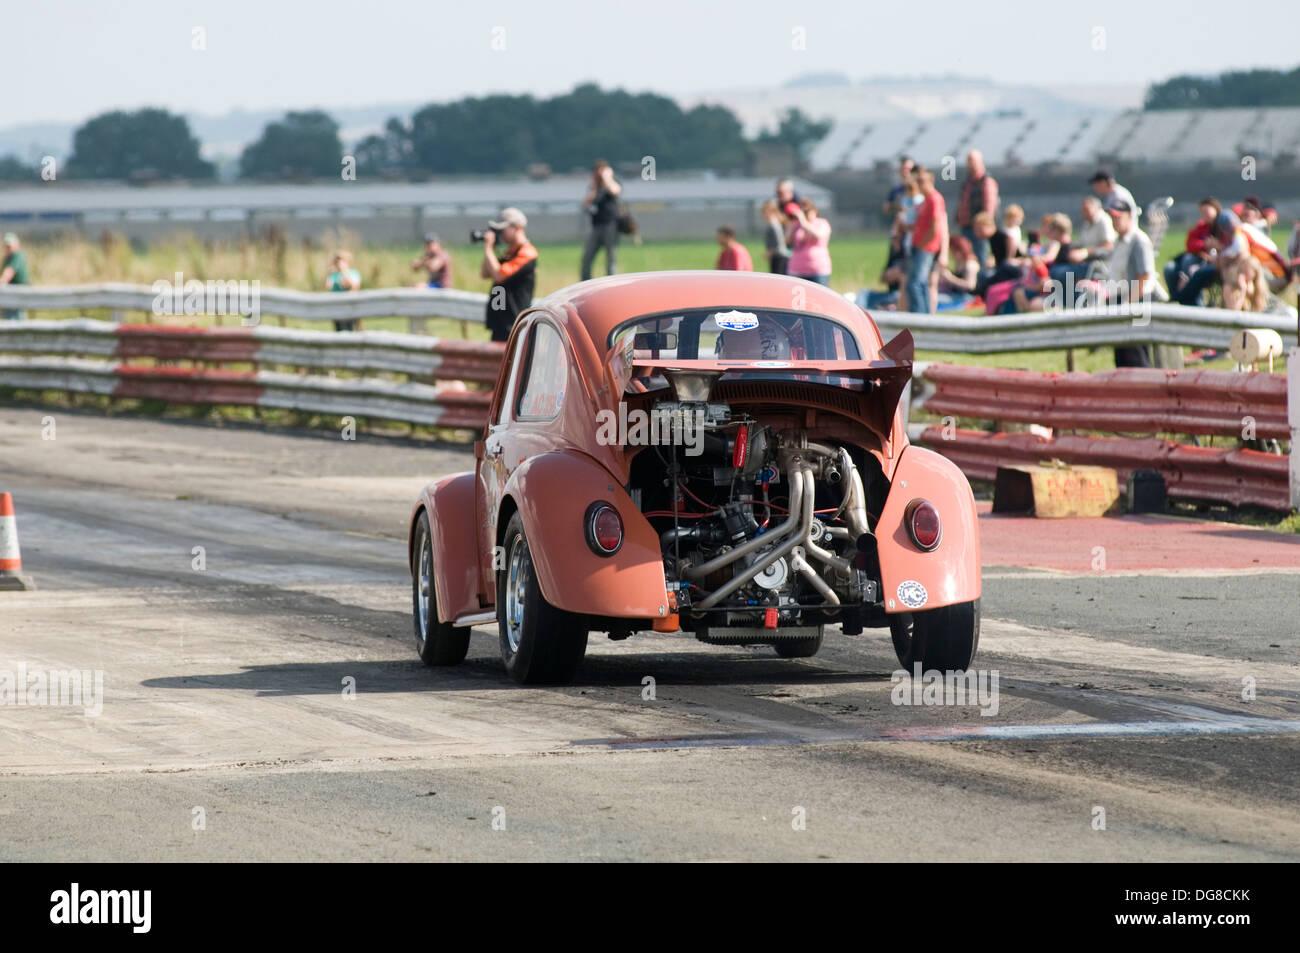 volkswagen beetle drag racing car Stock Photo: 61651175 - Alamy